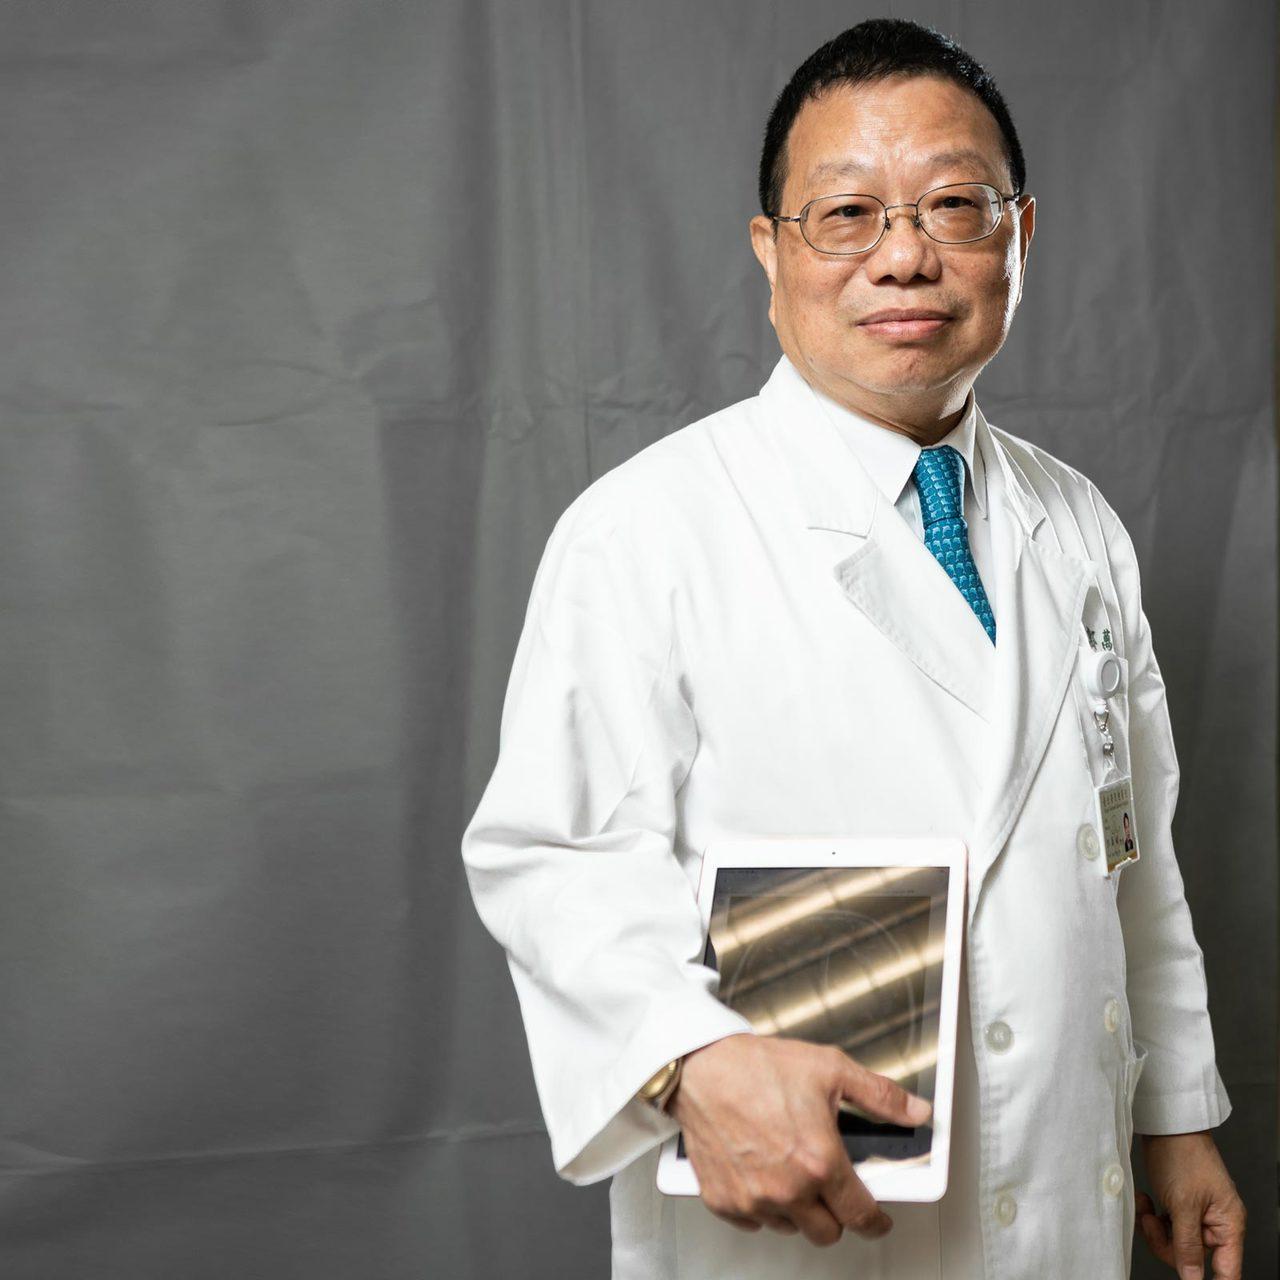 郭萬祐認為,AI愈來愈聰明,放射科醫師的工作內容、甚至名稱可能都會改變,但只要醫...